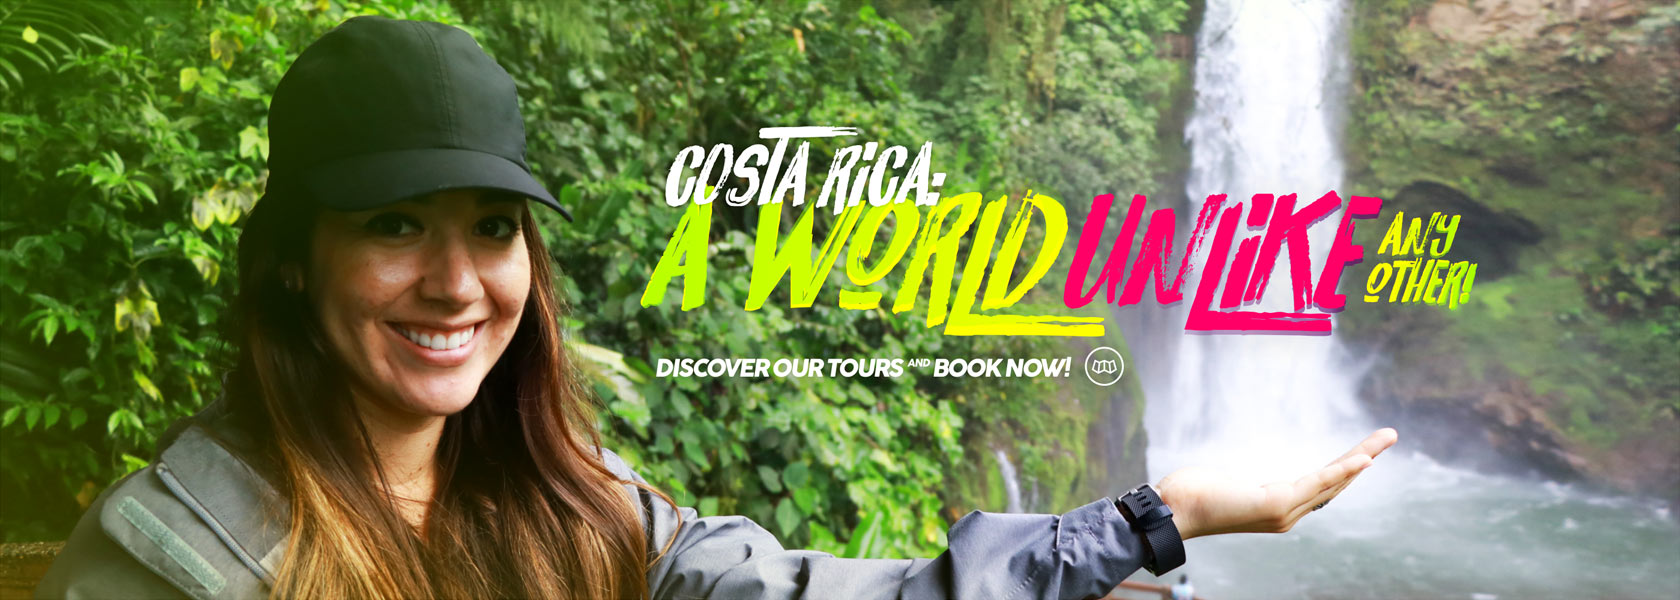 San Jose Costa Rica dating service bästa gratis gay dating hem sida